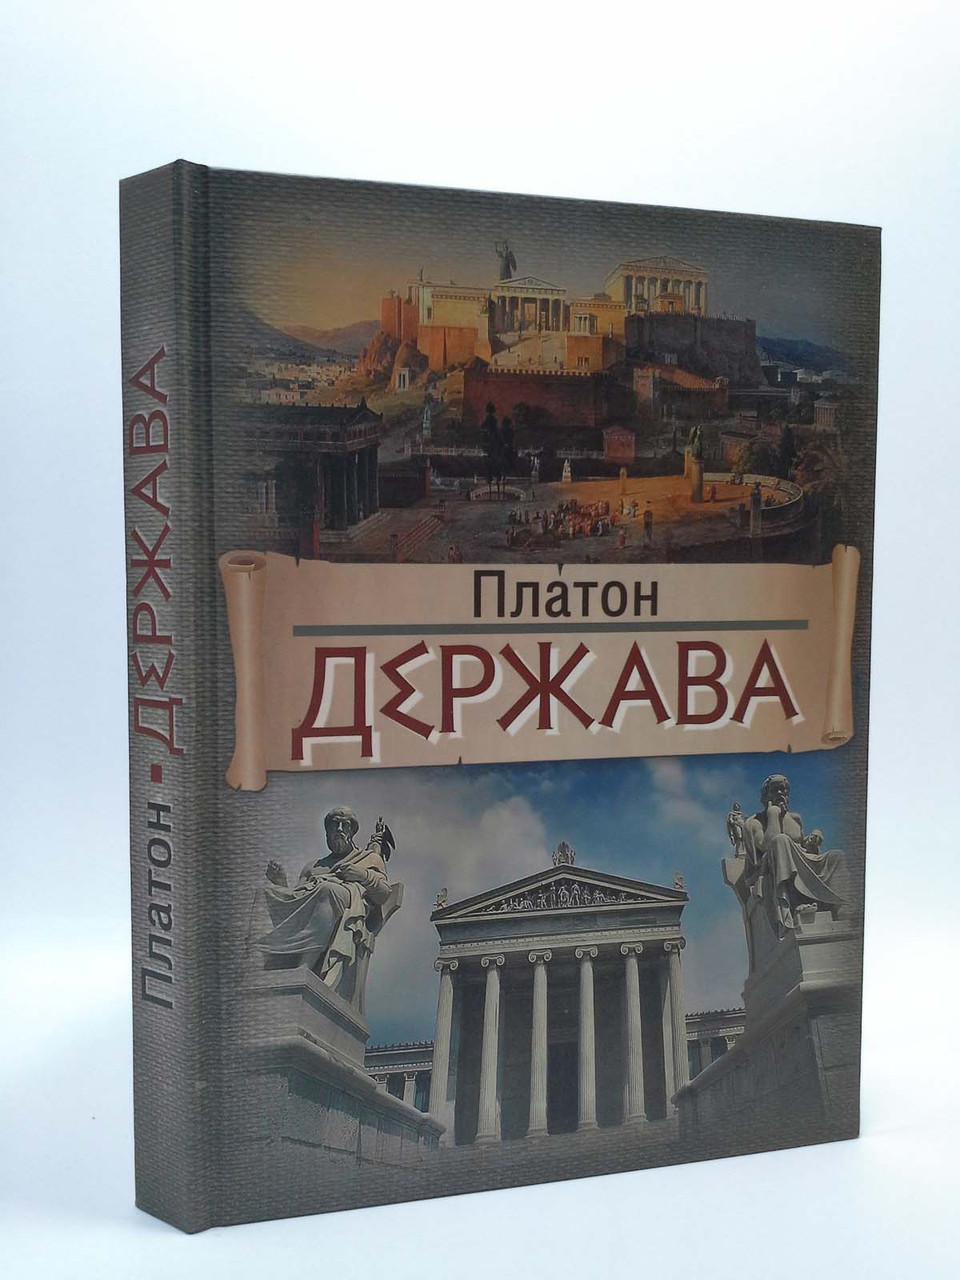 Держава. Політичний трактат. Платон